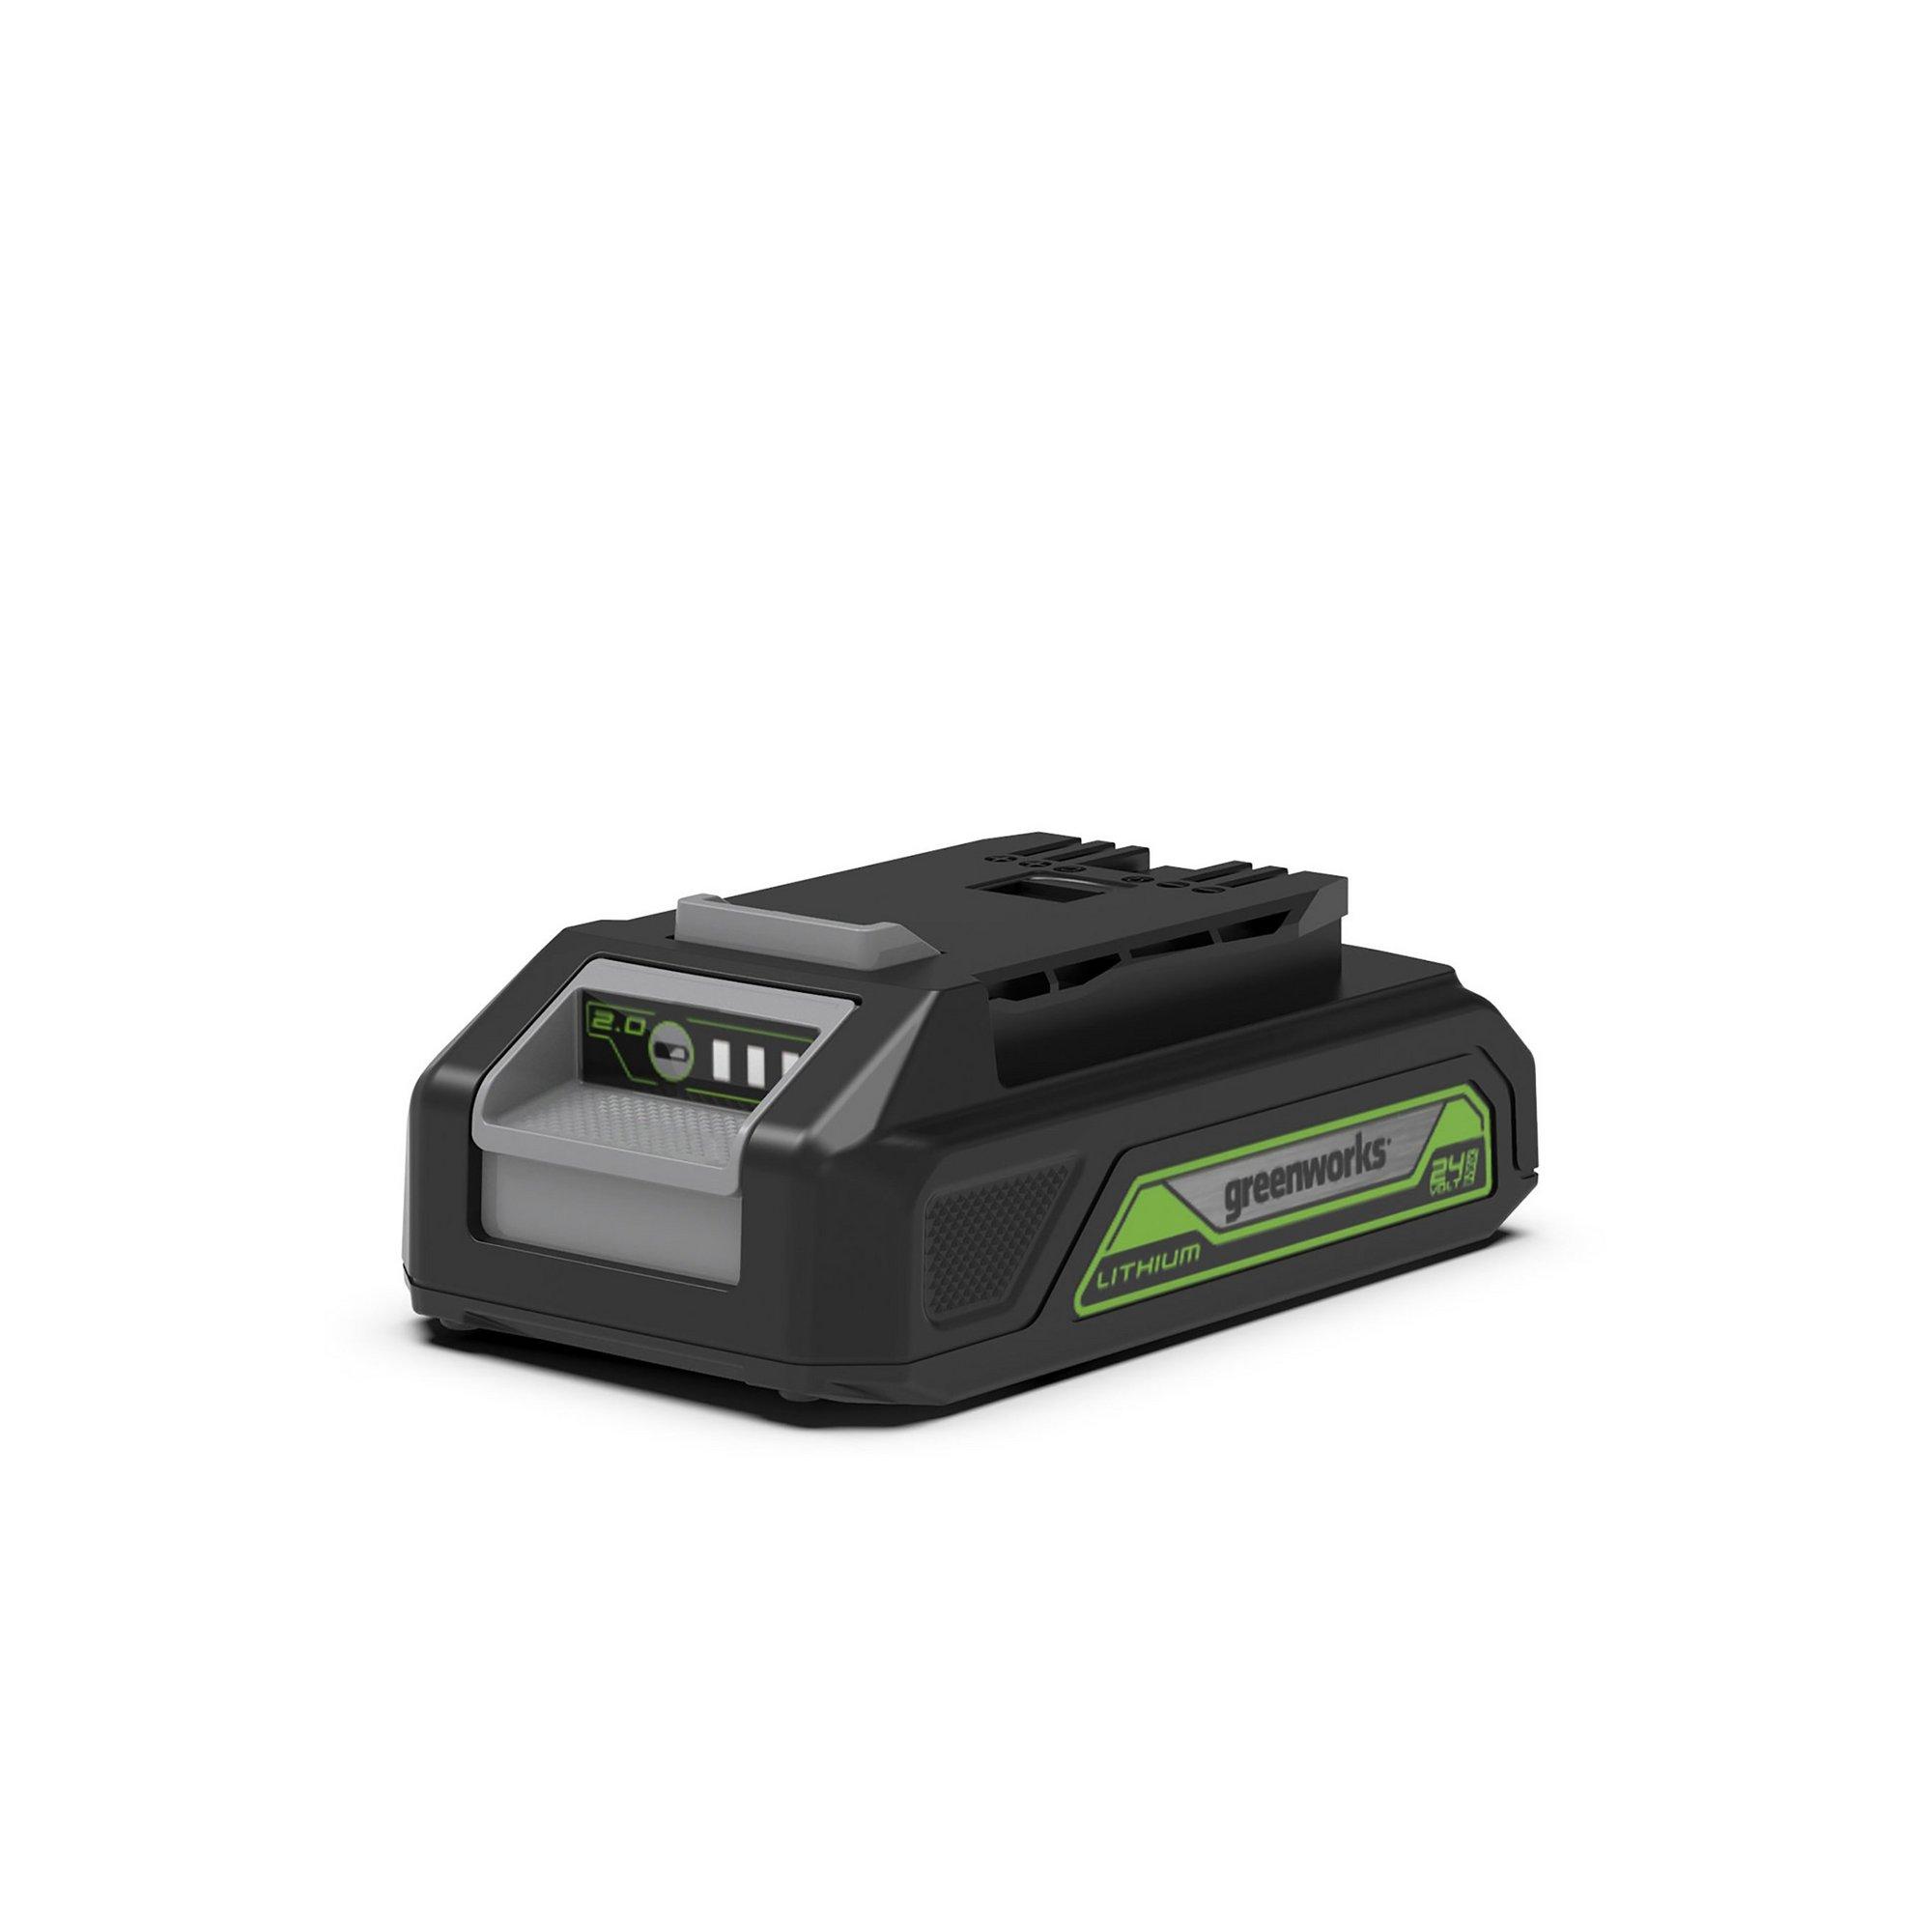 Image of Greenworks 24V 2Ah Battery